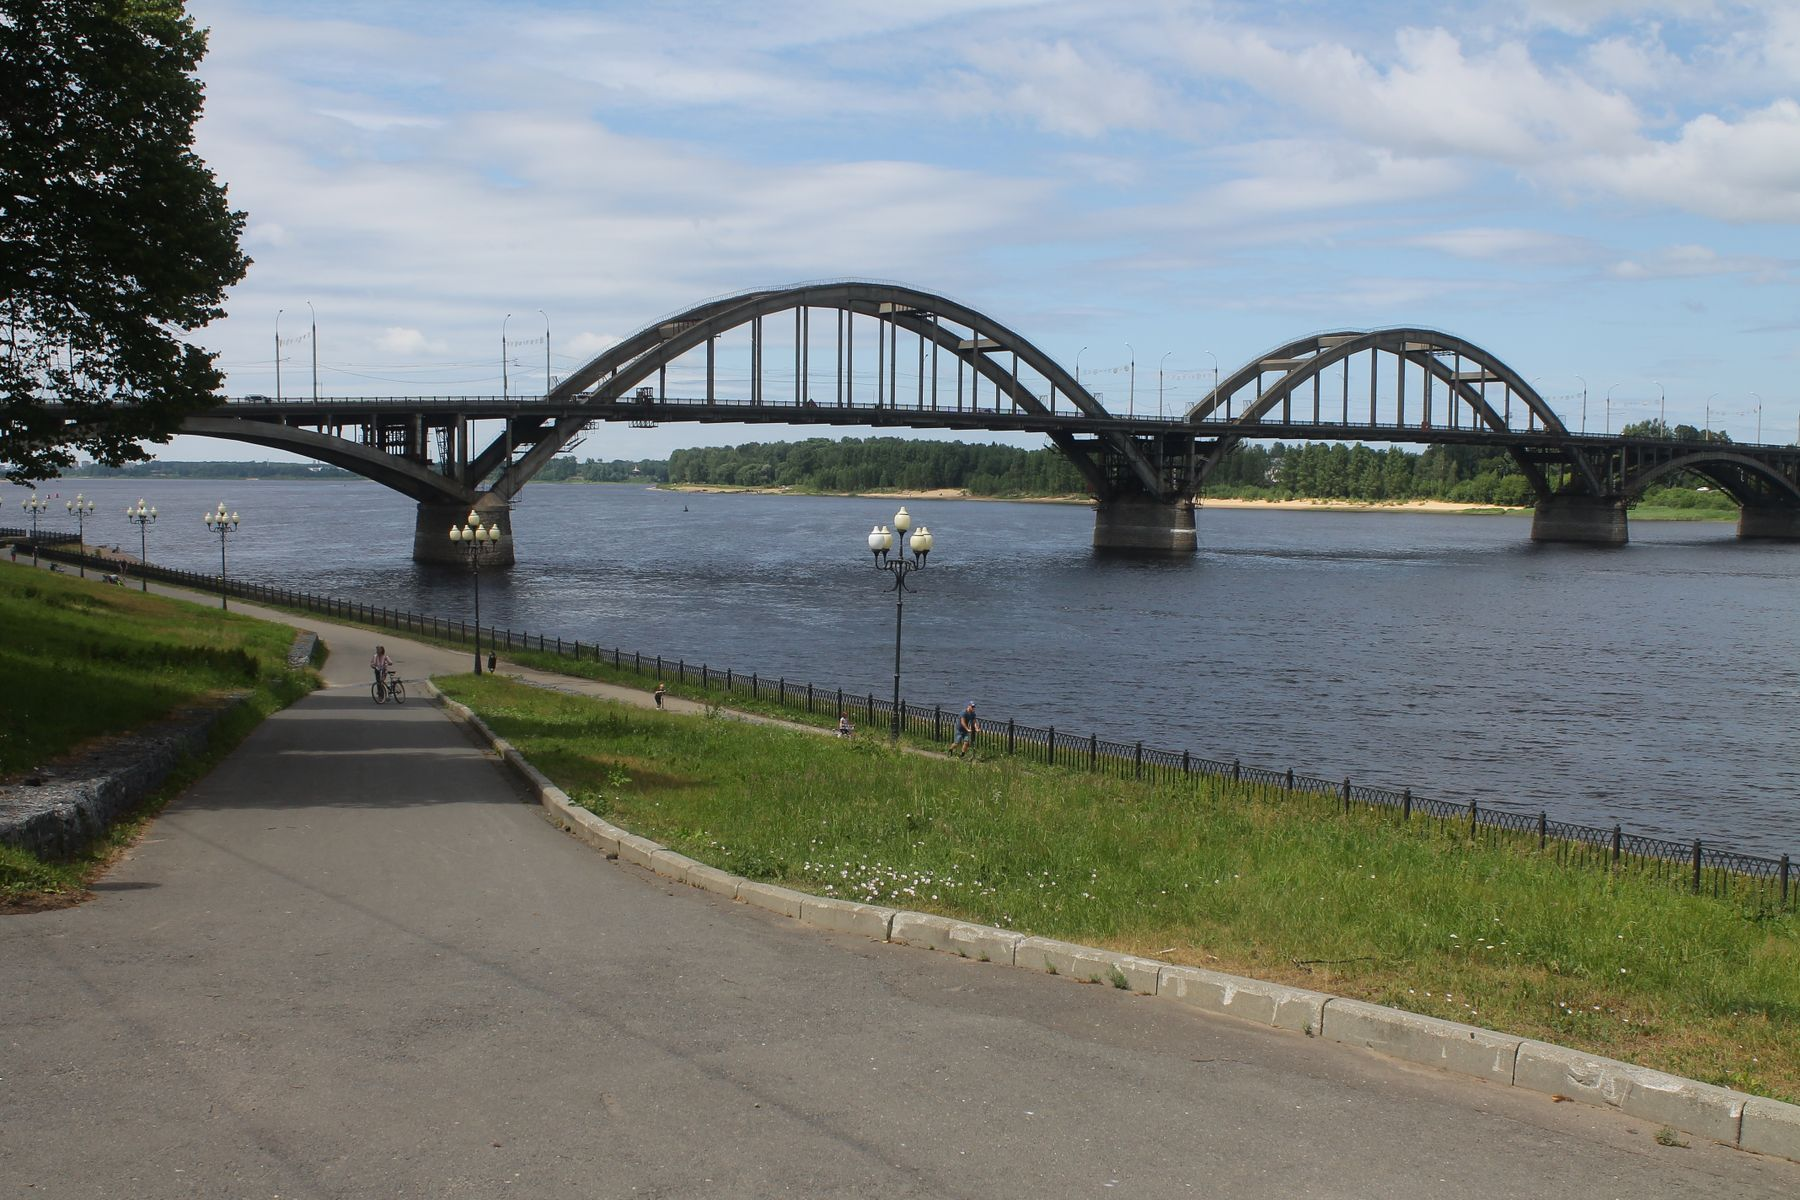 Волжский мост в Рыбинске (Ярославская область) Рыбинск Волга